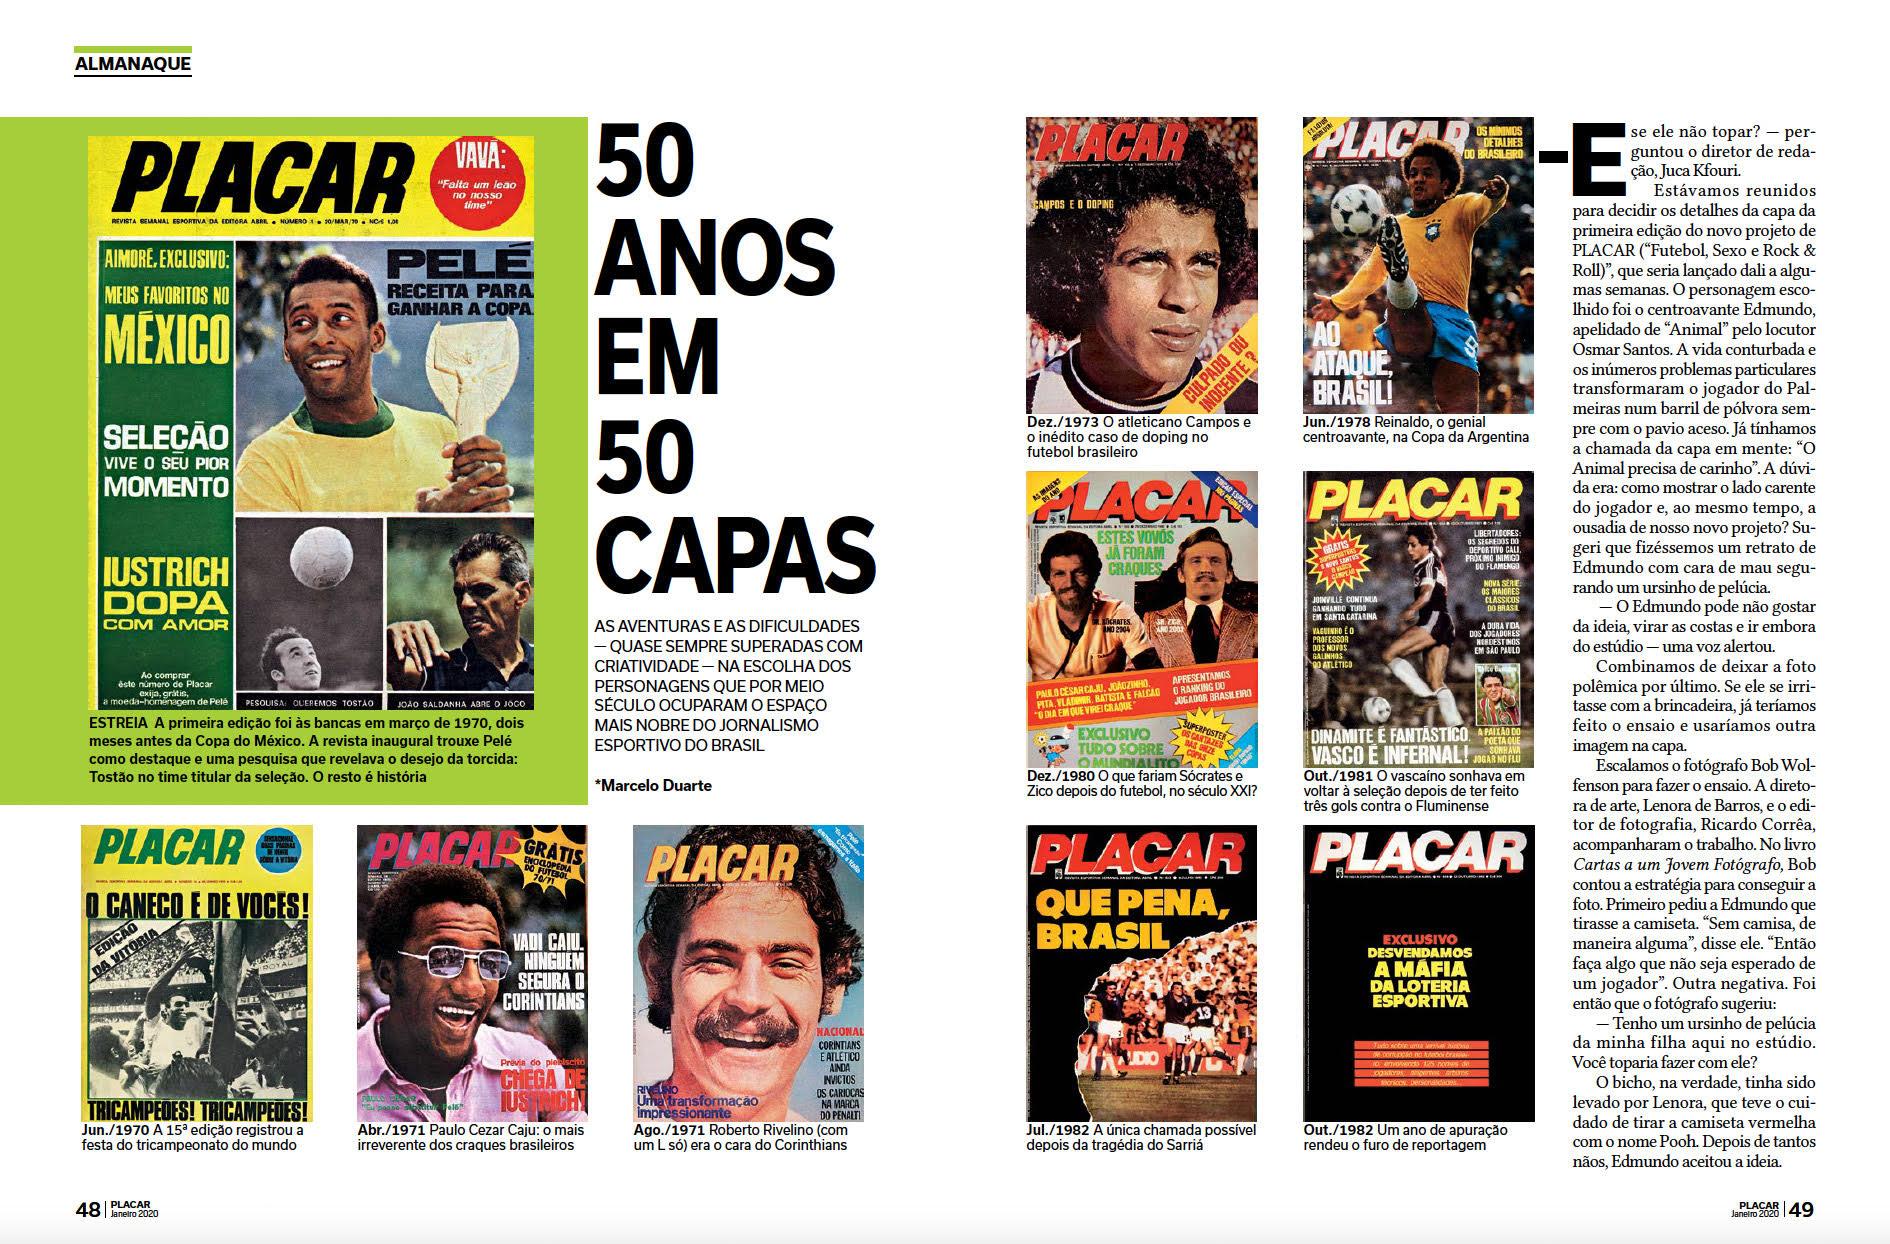 50 anos em 50 capas